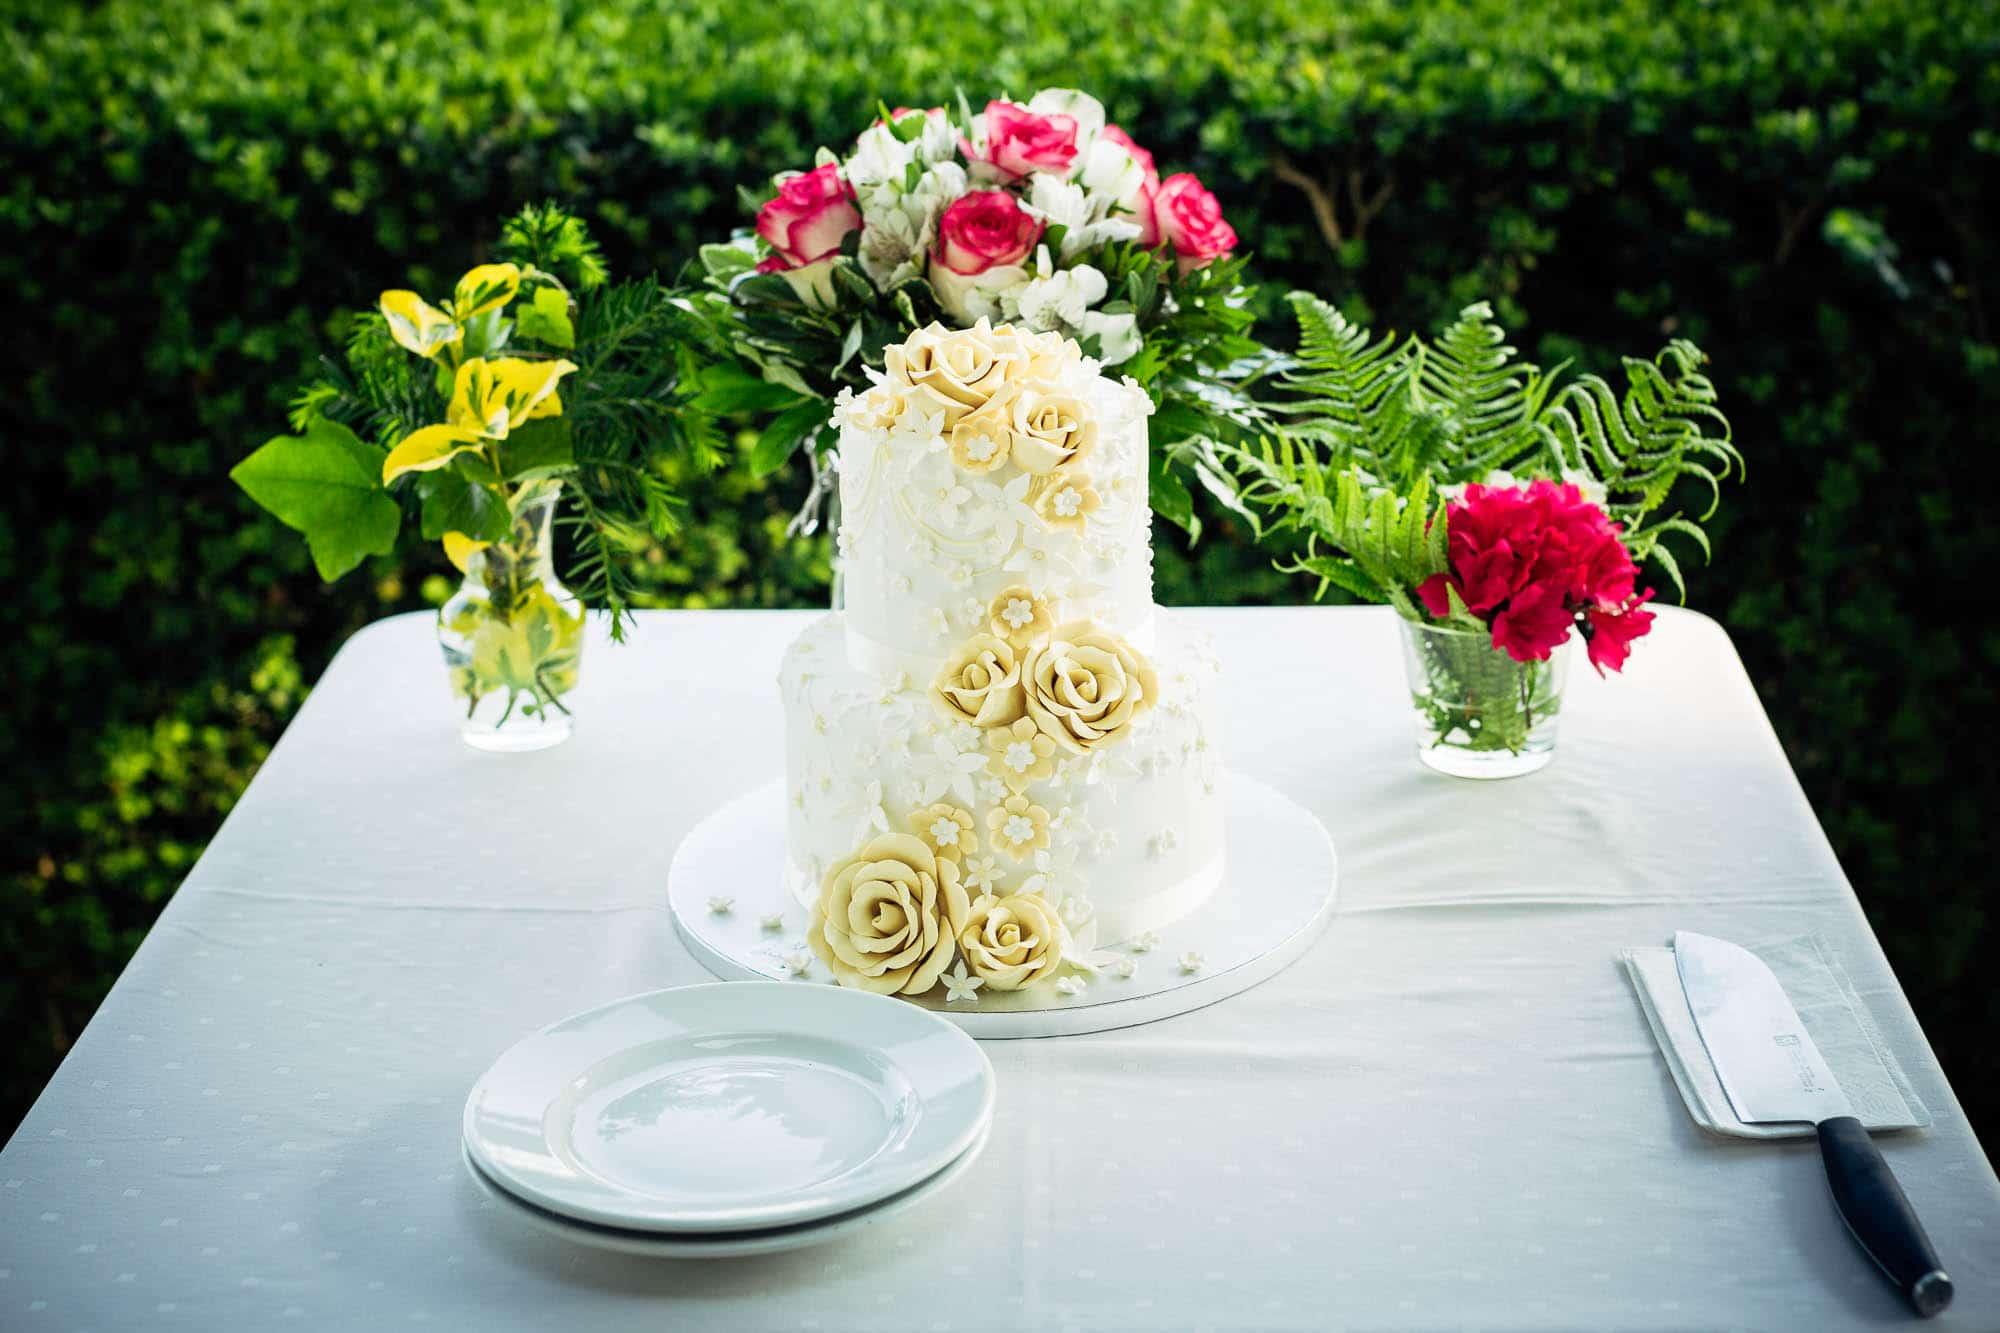 Klassisch dekorierte Hochzeitstorte